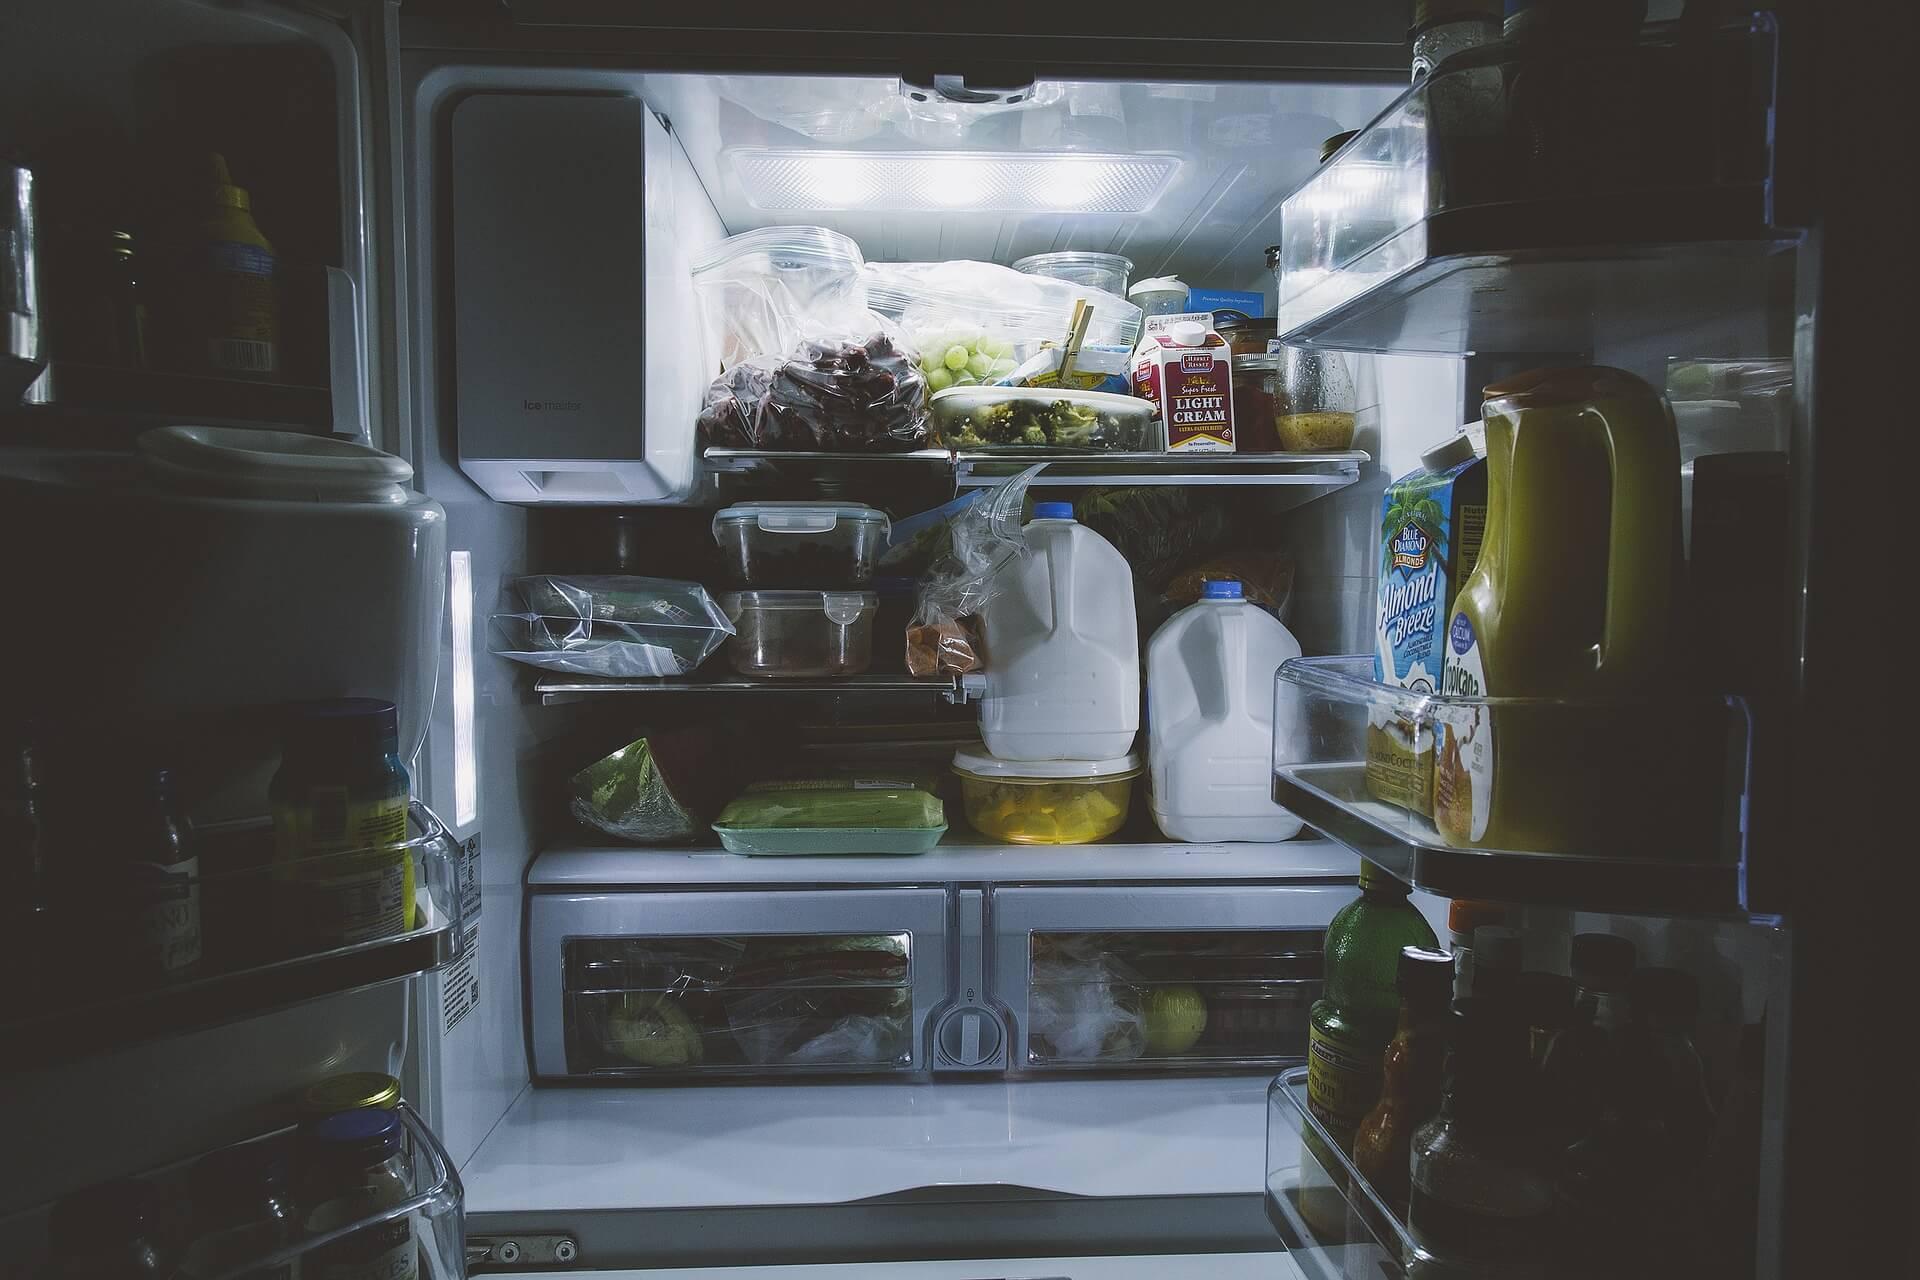 Strom mit Prämie - Strom sparen mit Kühlschrank